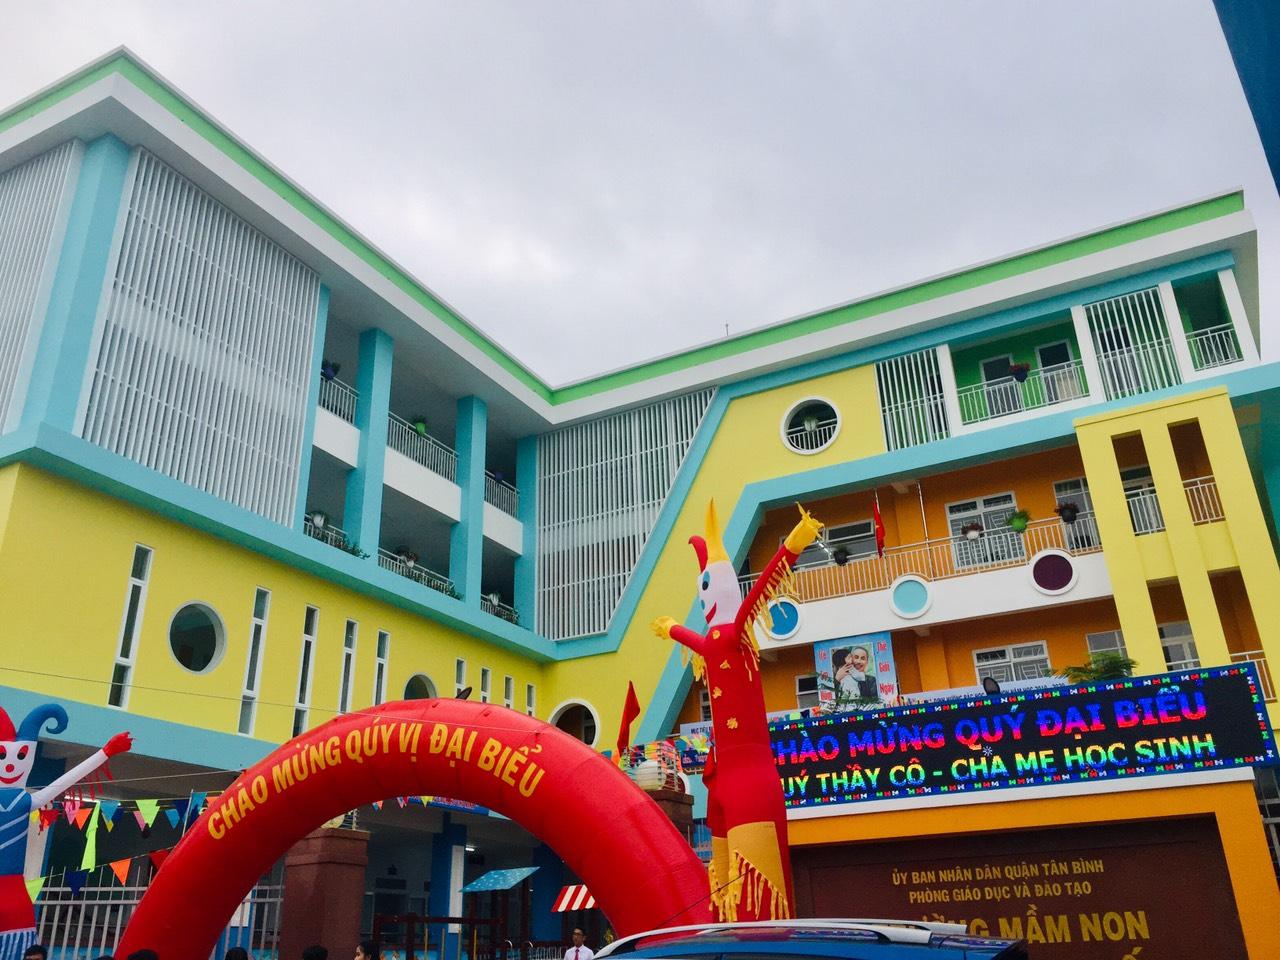 Khánh thành trường mầm non Tân Sơn Nhất